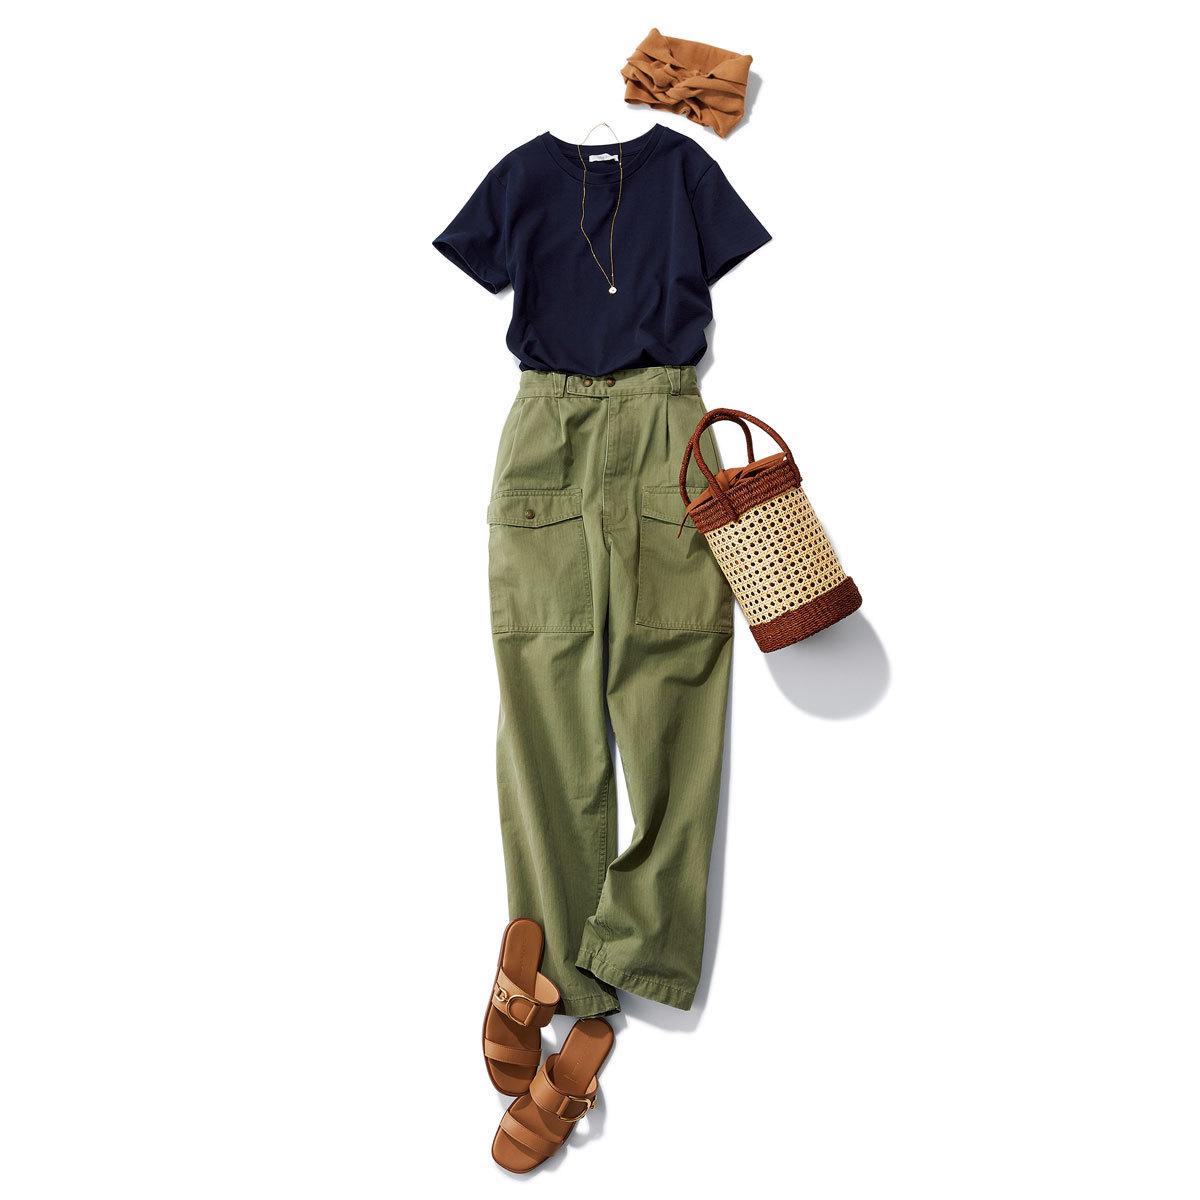 ■ネイビーTシャツ×カーゴパンツコーデ